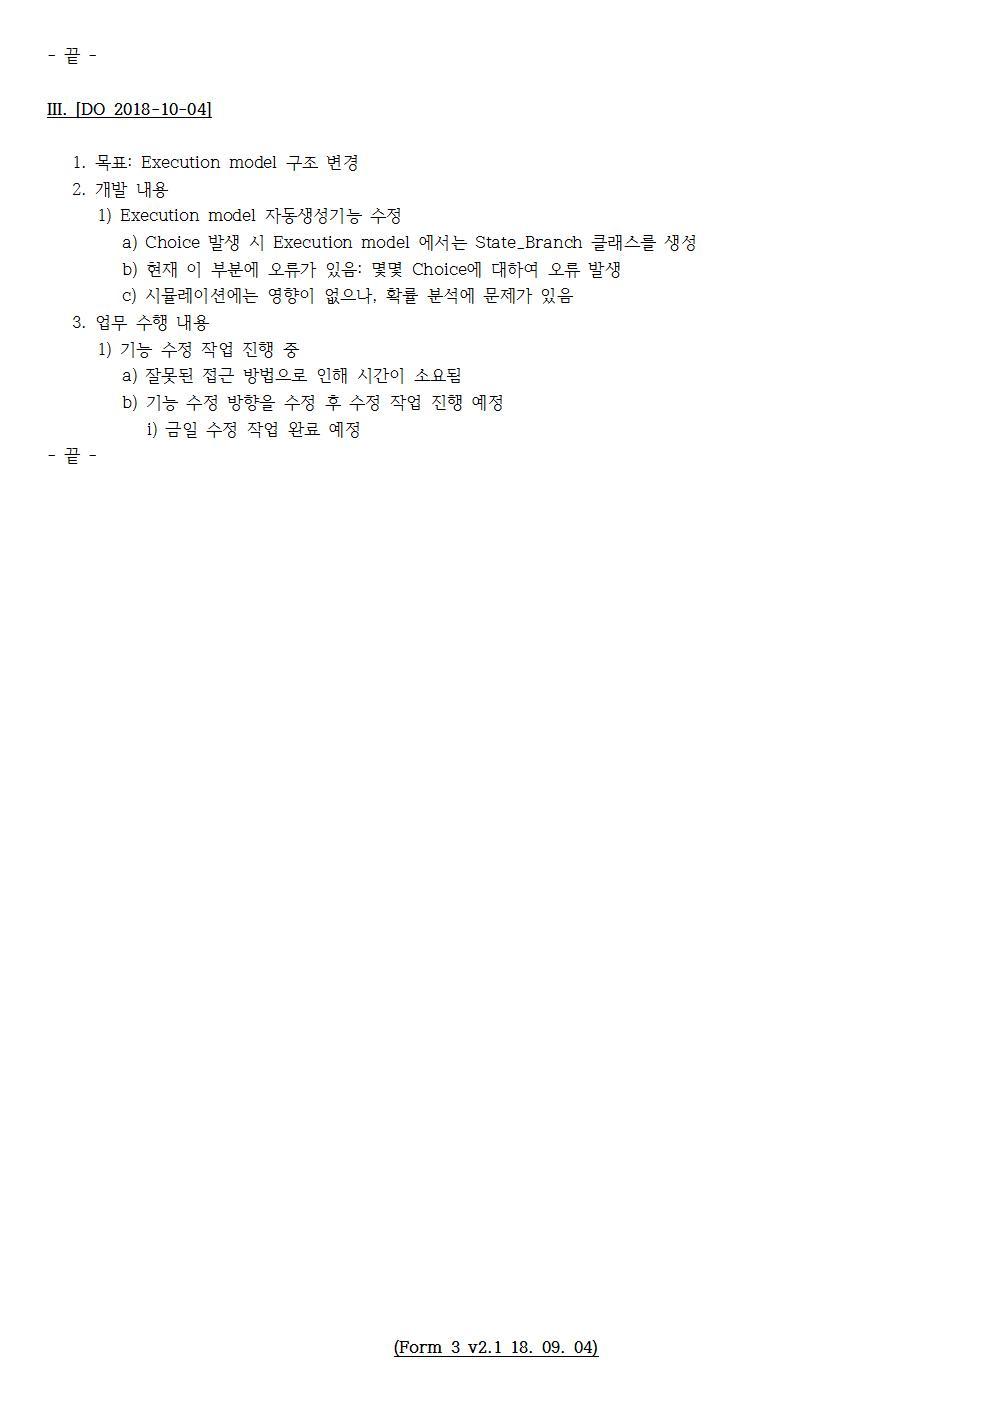 D-[18-001-RD-01]-[SAVE 3.0]-[2018-10-04][YB]002.jpg